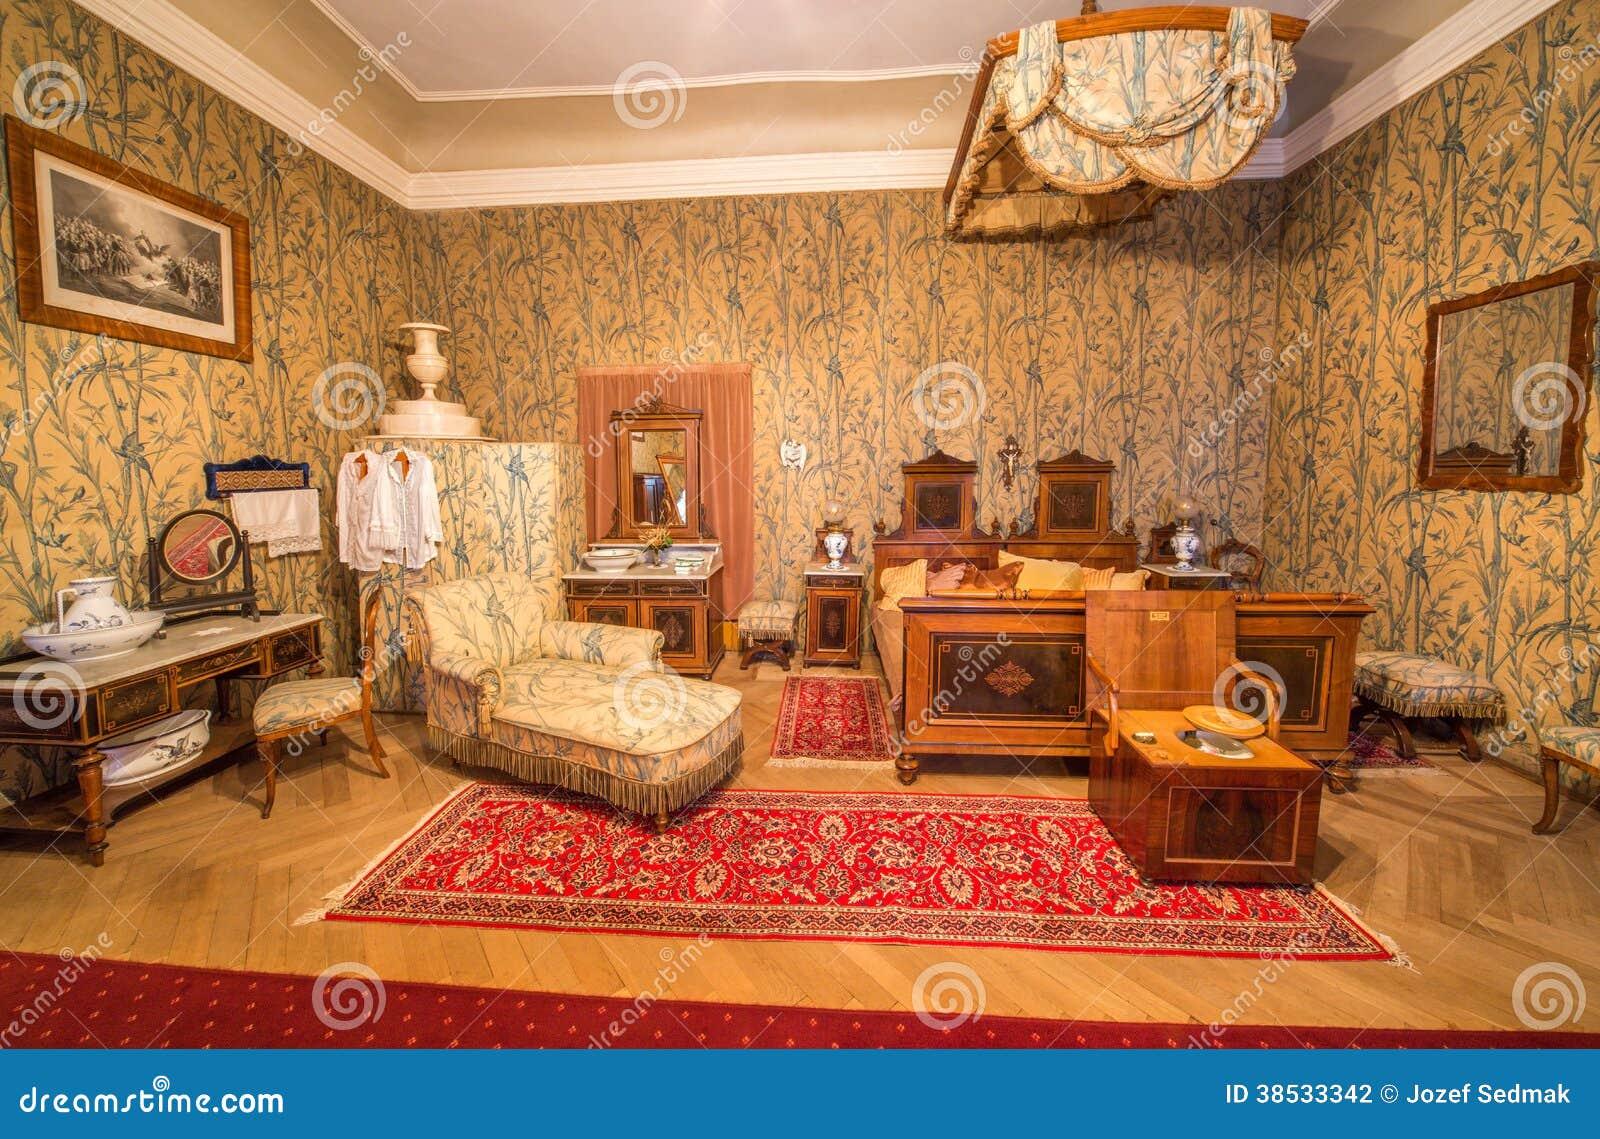 tapeten schlafzimmer orange kleiderschr nke dachschr ge feng shui schlafzimmer farbe blau. Black Bedroom Furniture Sets. Home Design Ideas